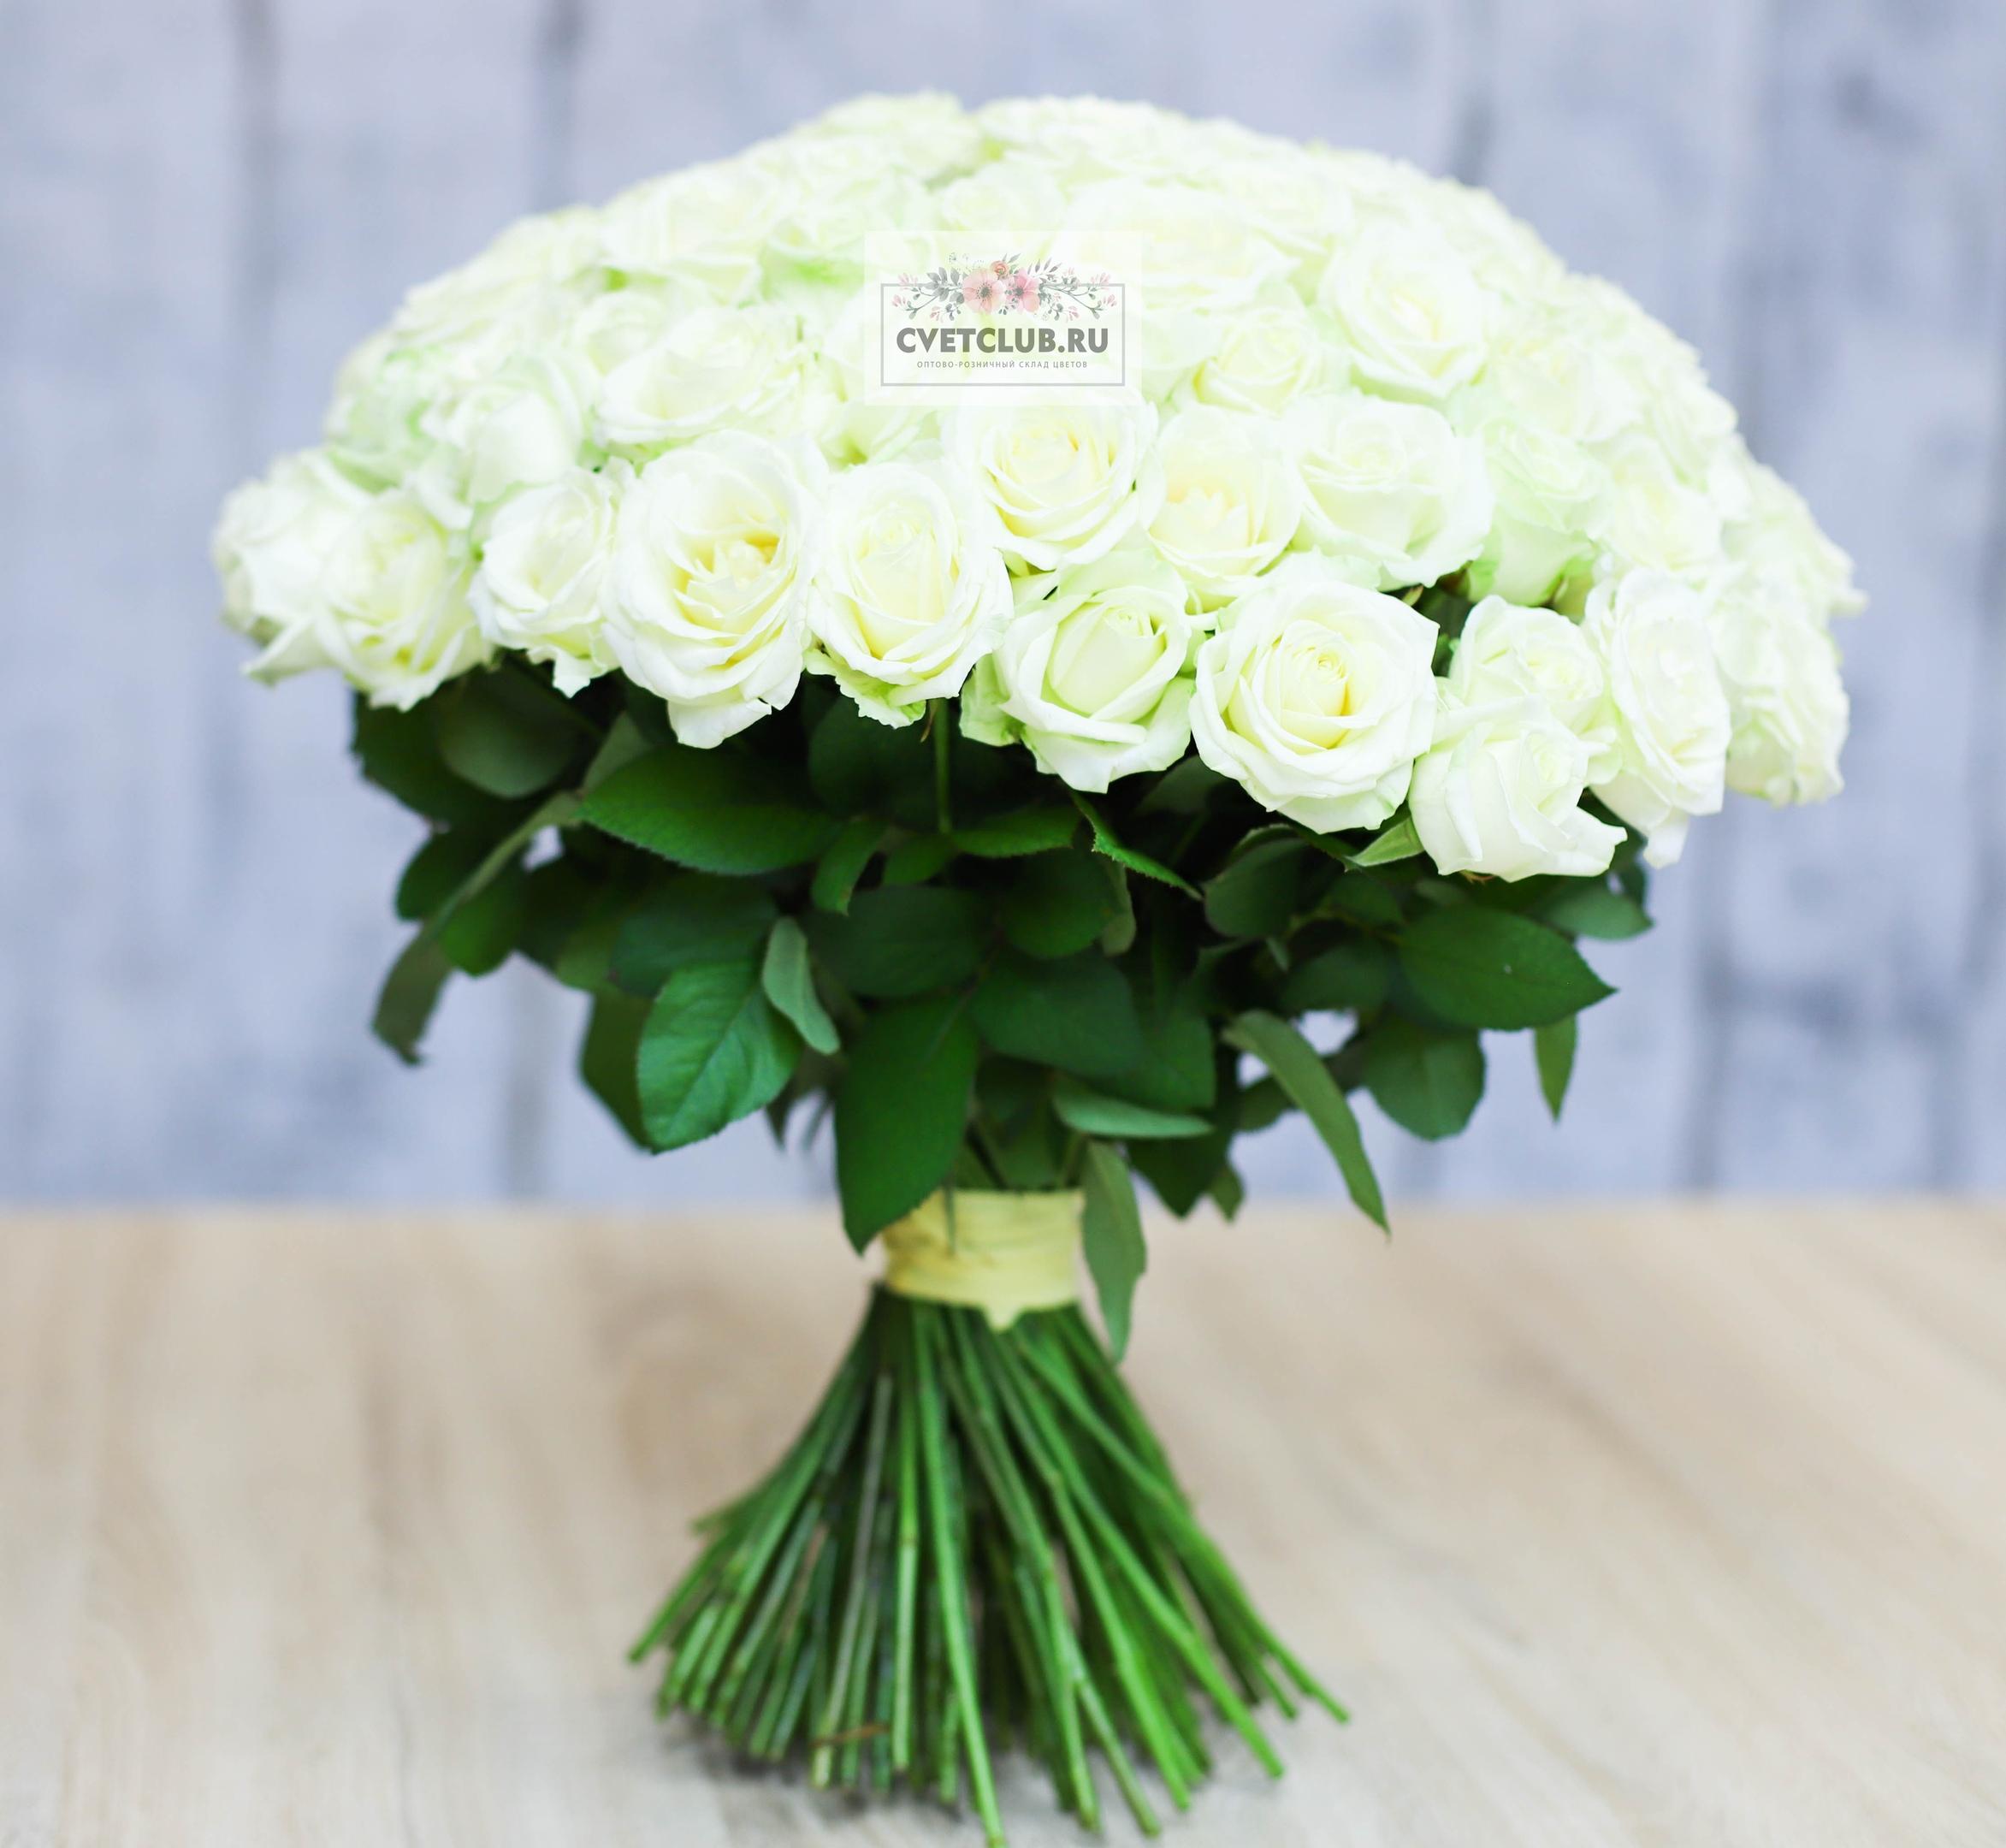 Цветов, 101 роза оптом салават